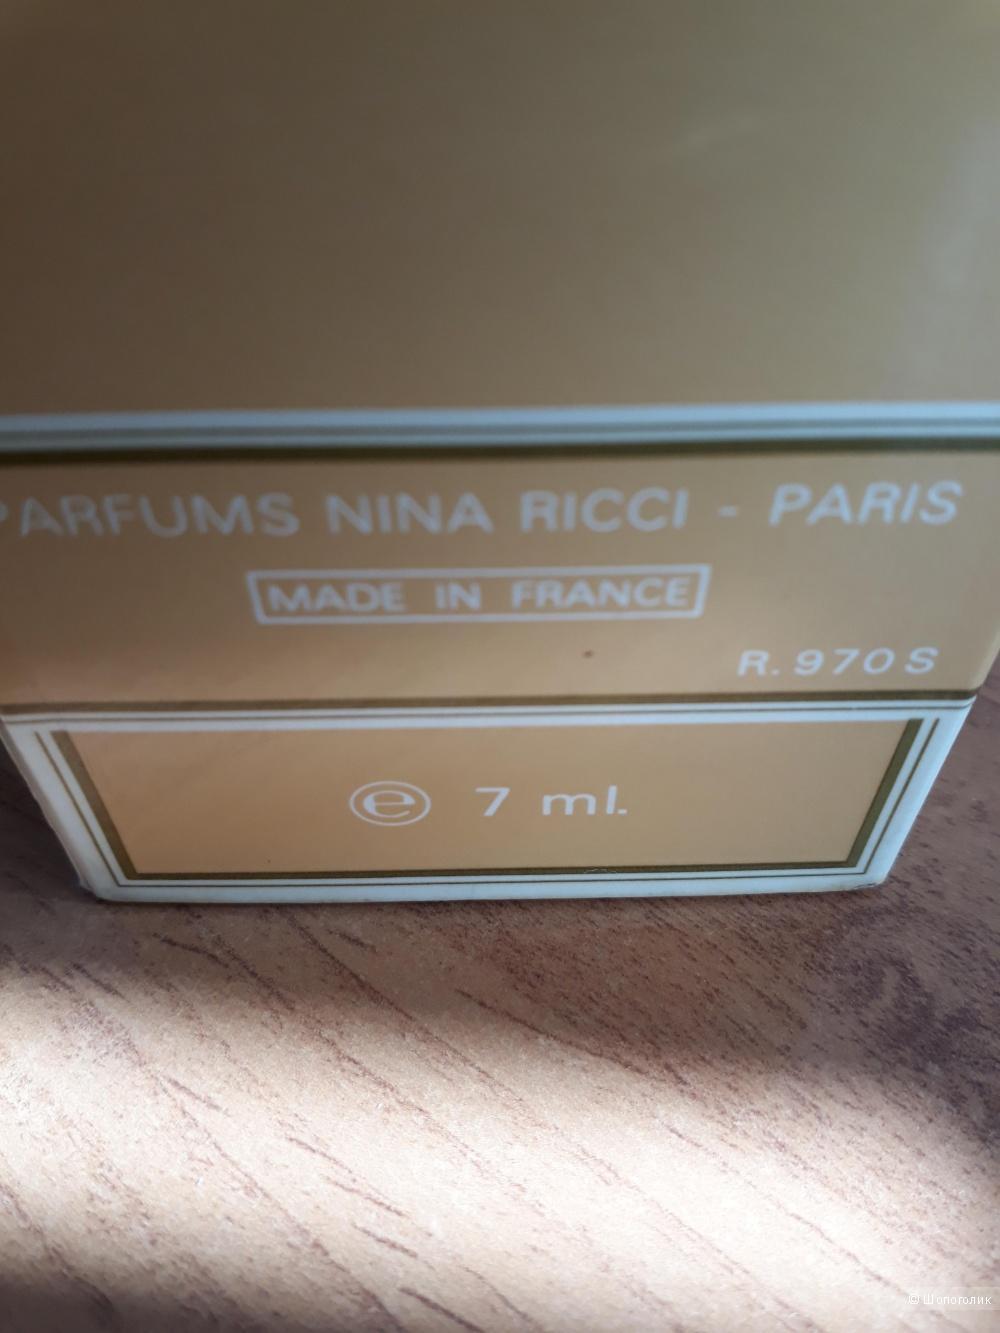 Винтажные духи Nina Ricci (7 ml, незначительное выпаривание)